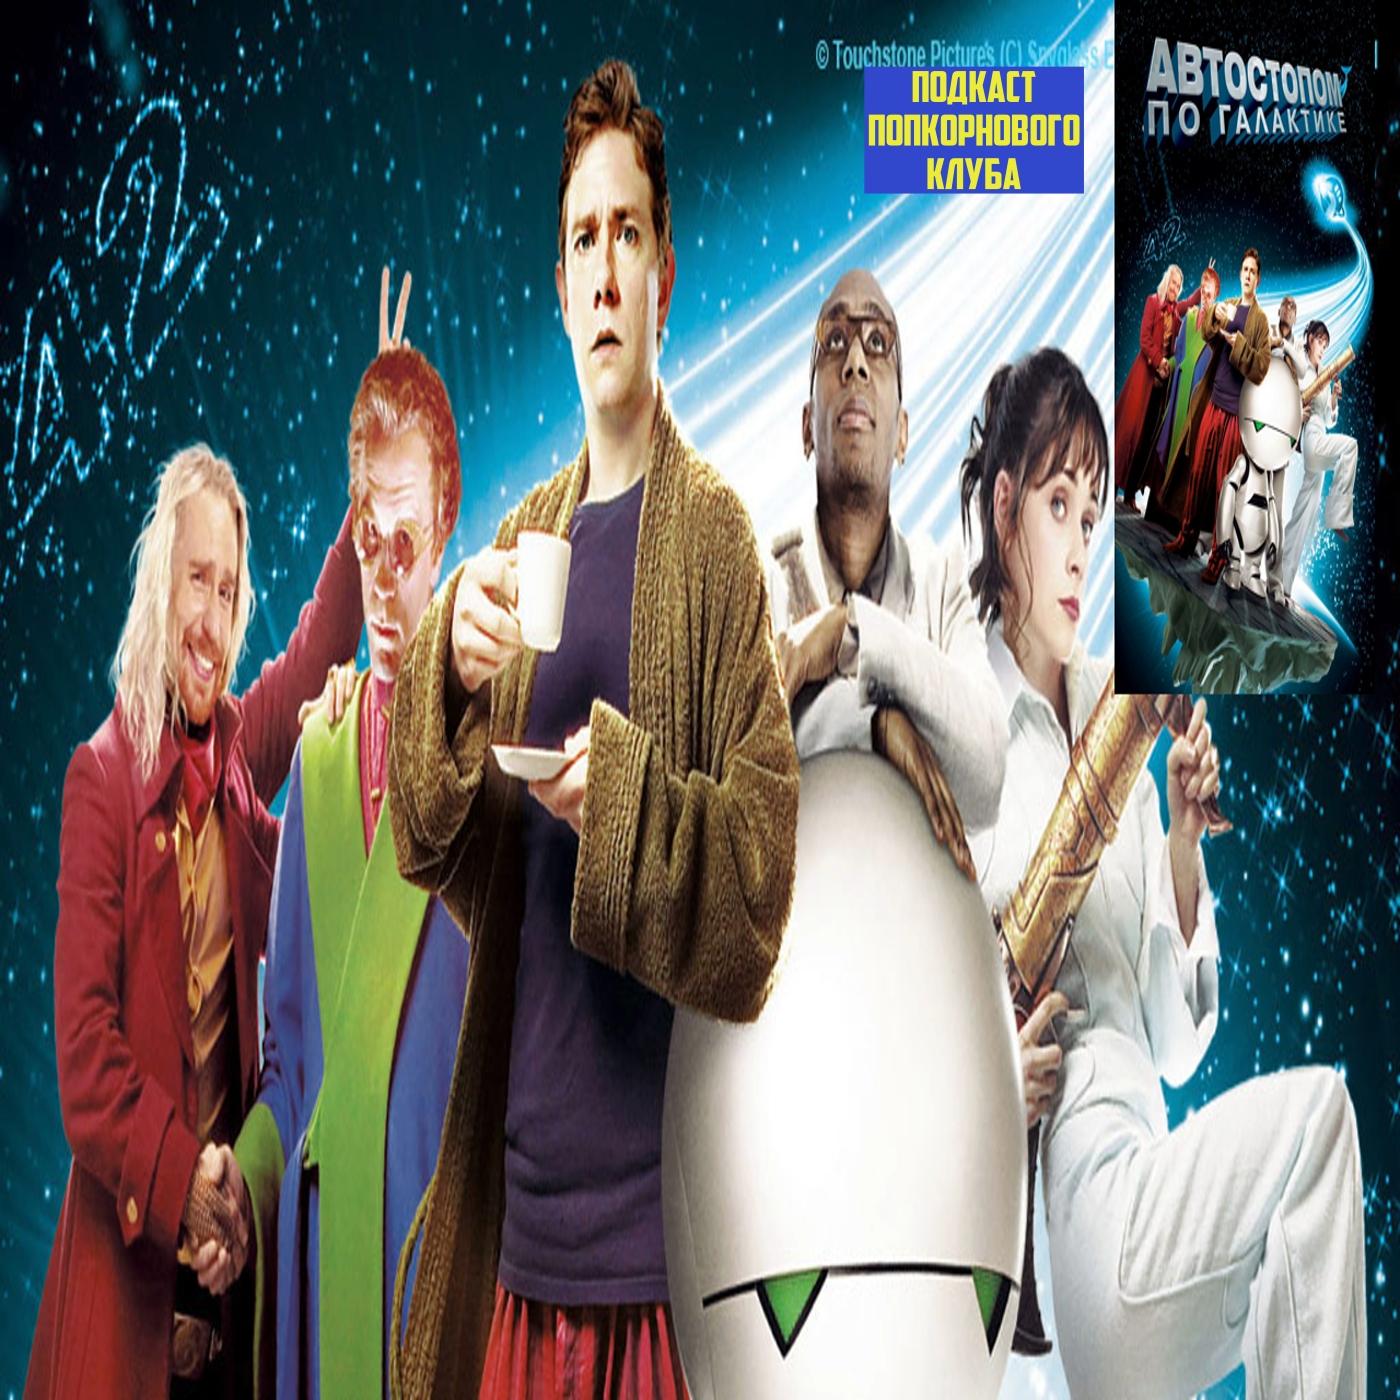 Автостопом по Галактике (2005) - Попкорновый клуб